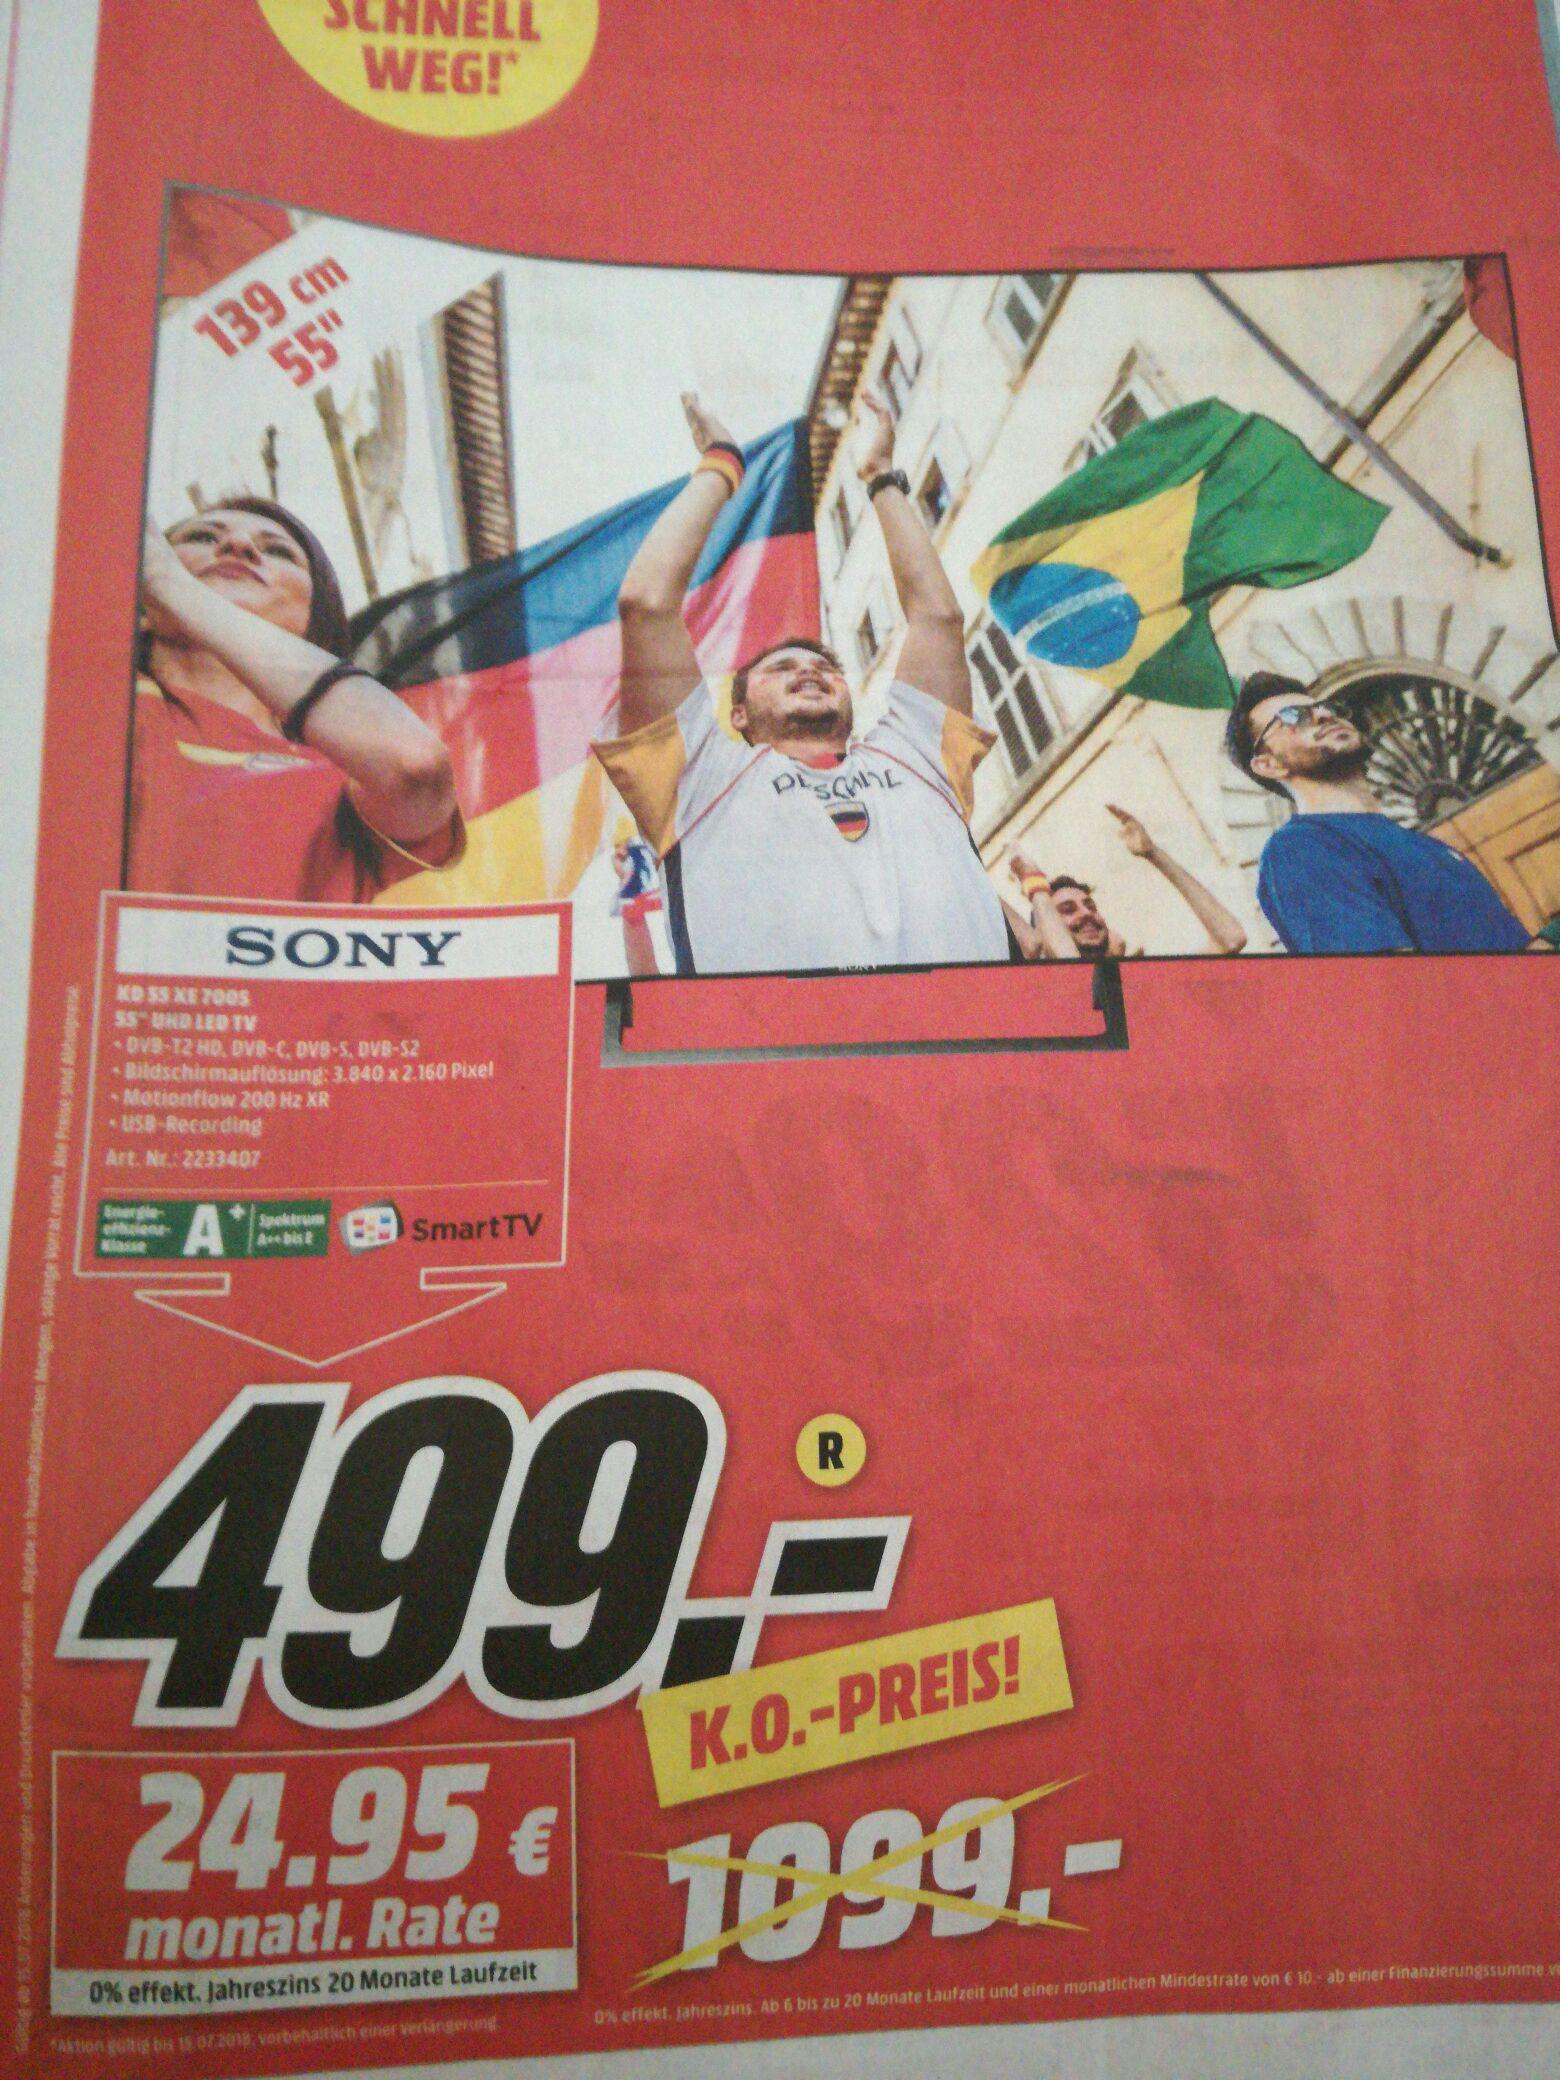 Sony KD 55 XE 7005 [lokal] [Koblenz]